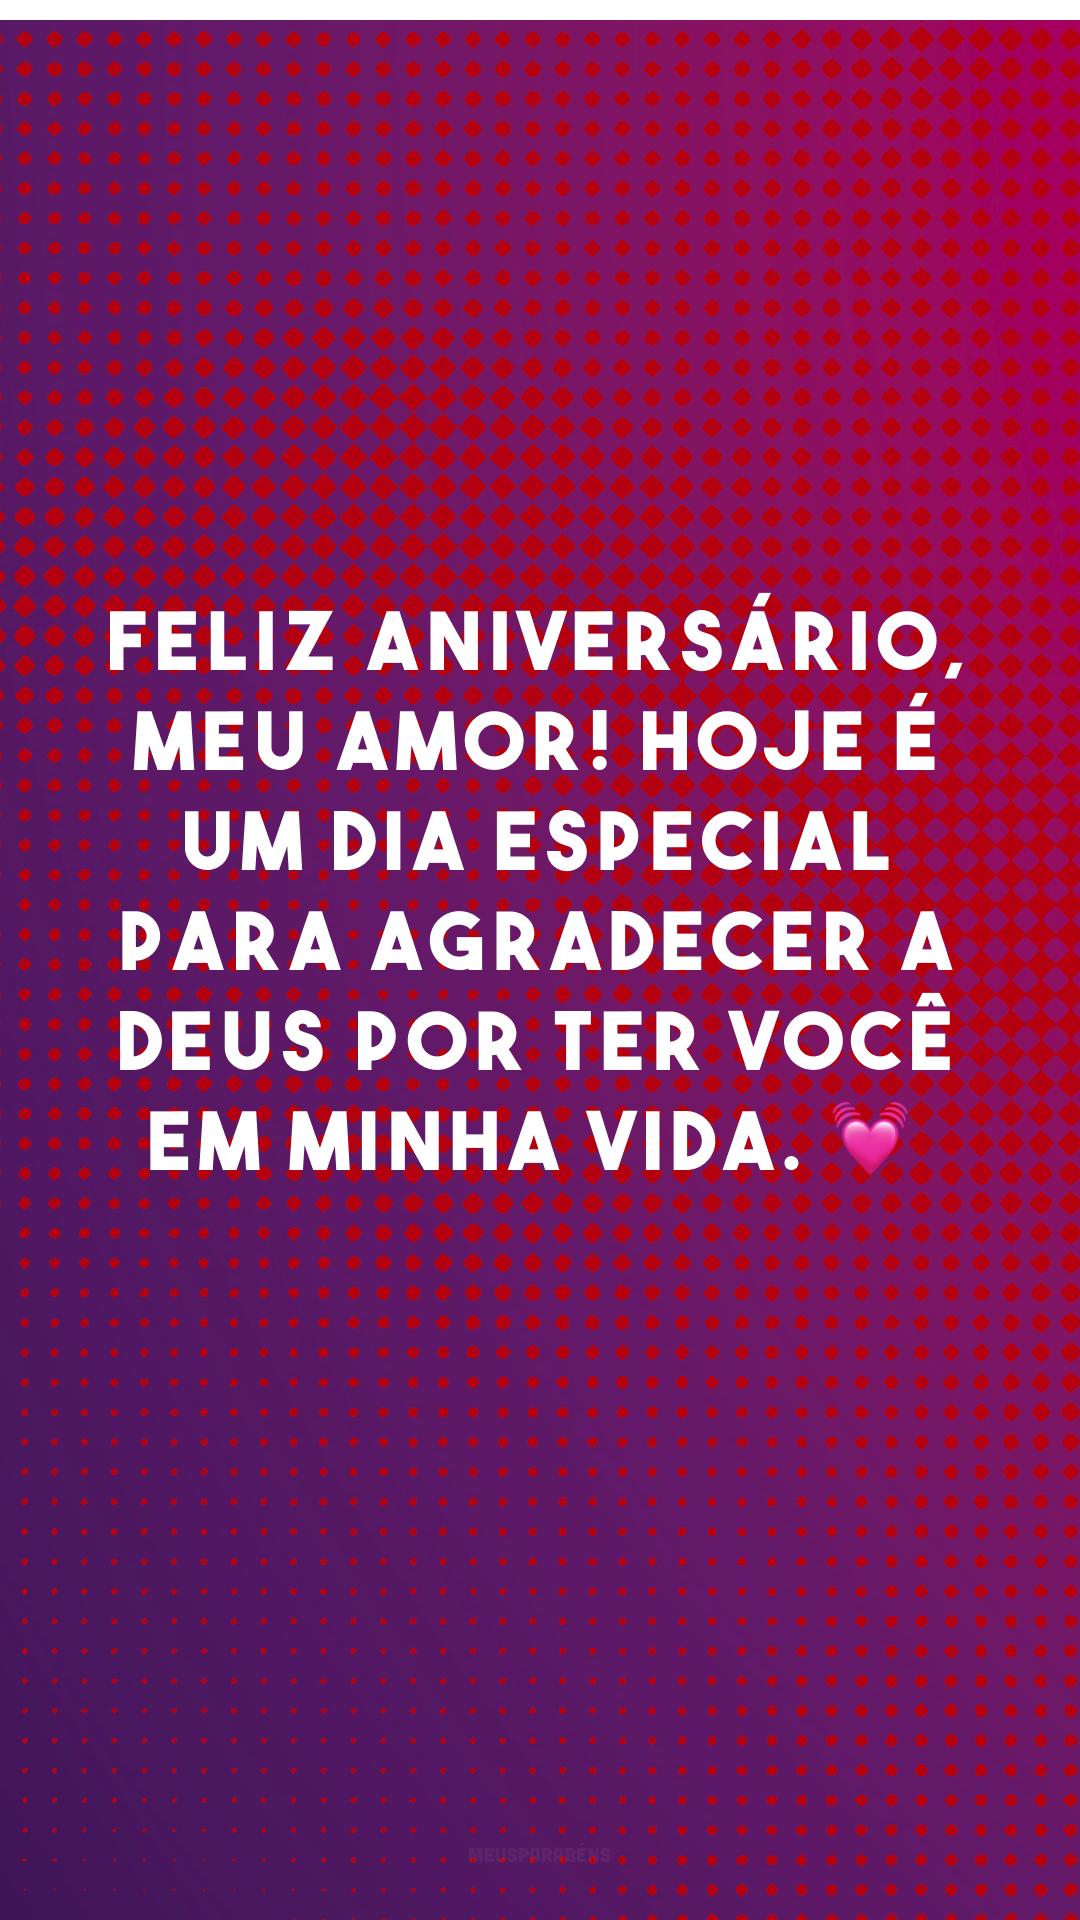 Feliz aniversário, meu amor! Hoje é um dia especial para agradecer a Deus por ter você em minha vida. 💓<br />